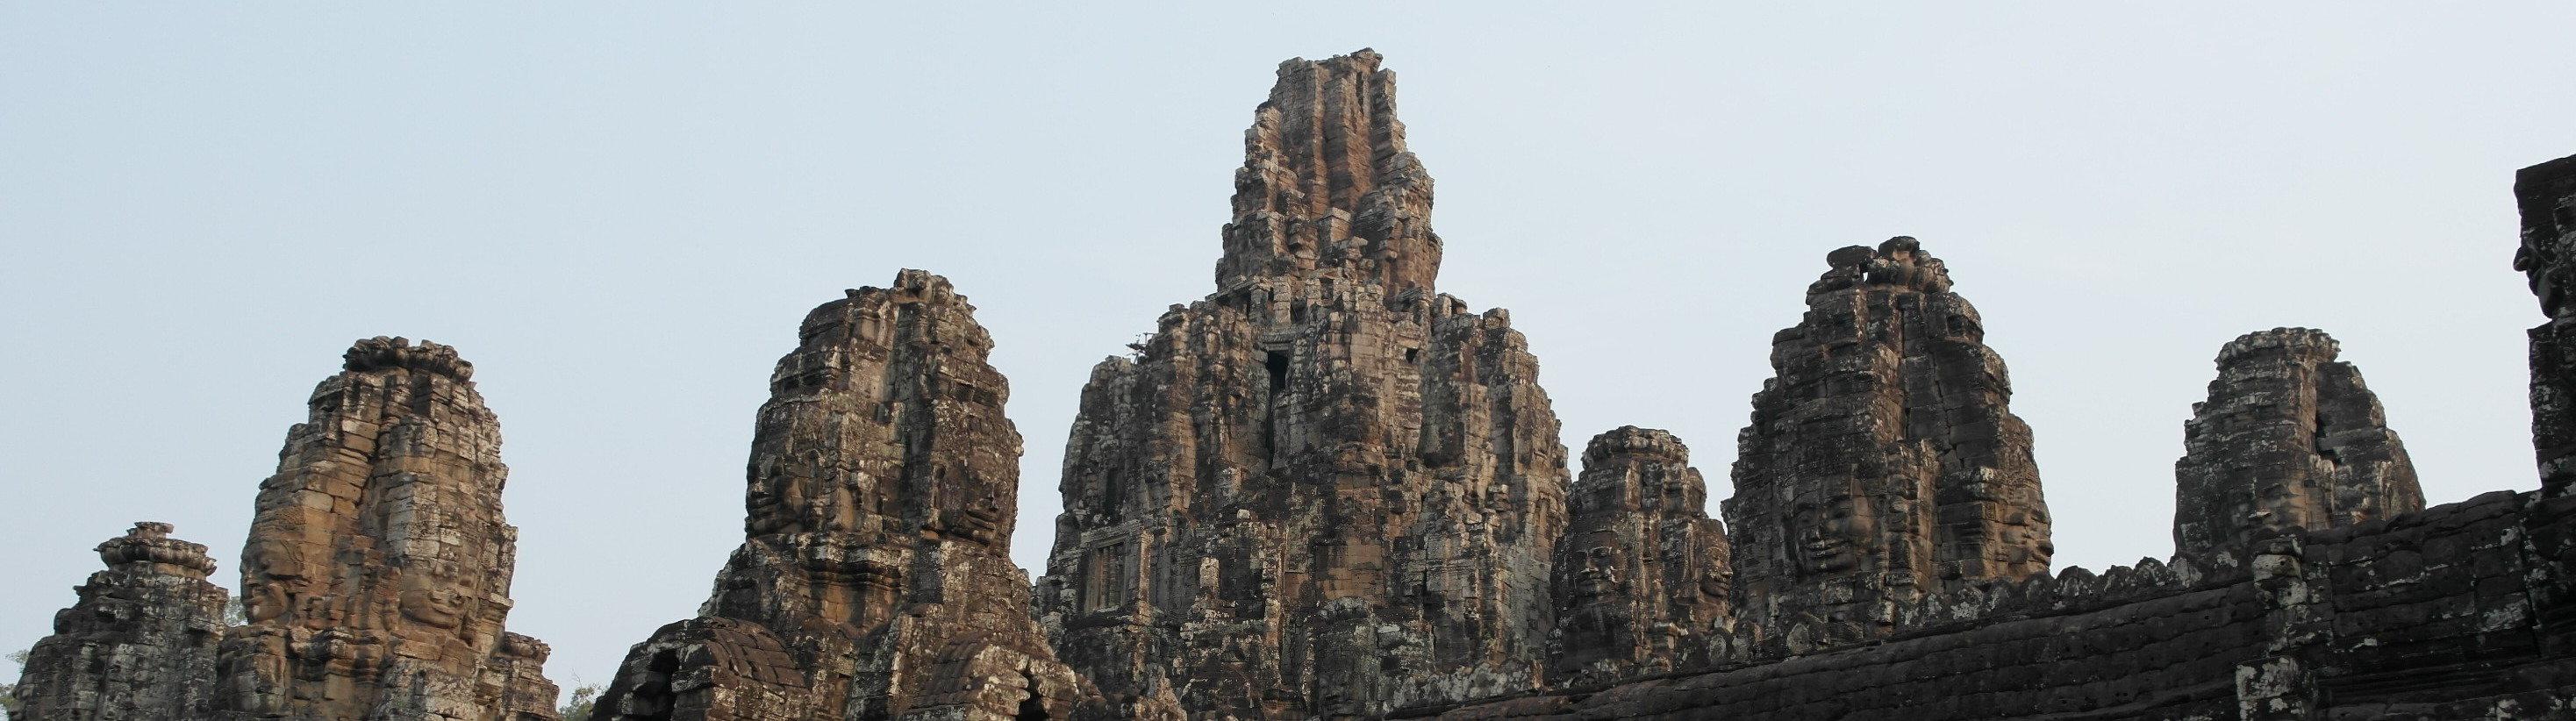 Храмы Ангкора - гордость Камбоджи, наследие кхмеров